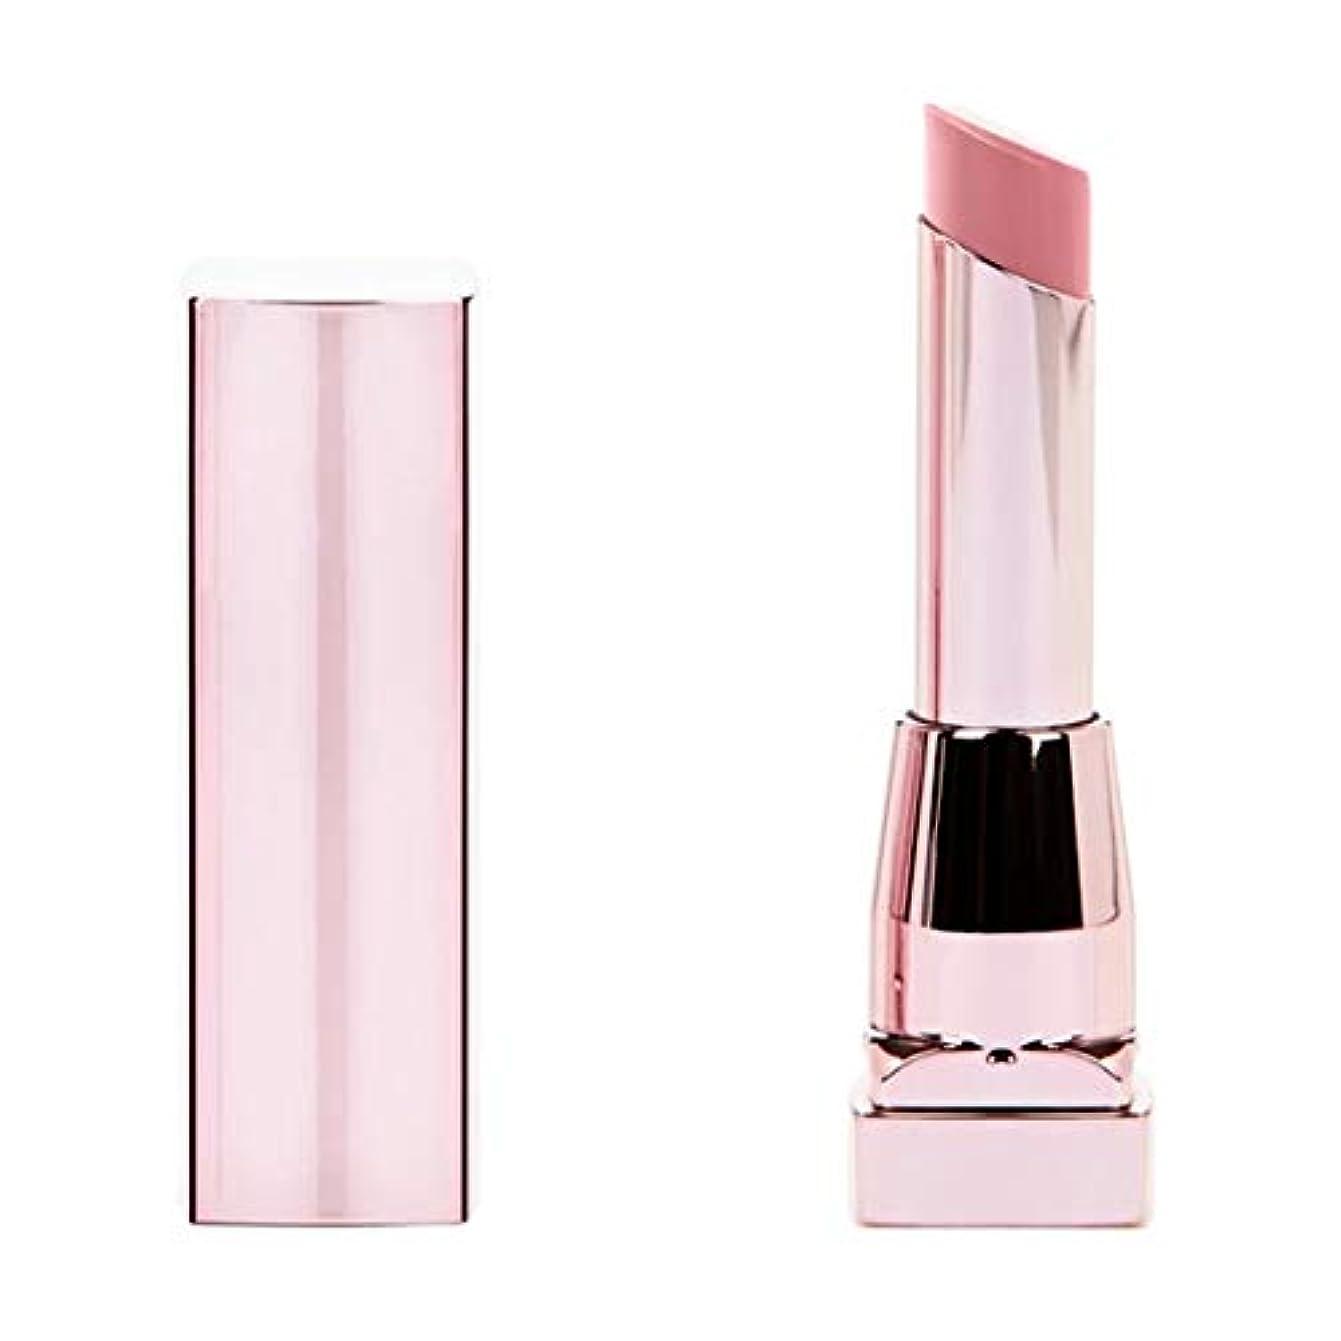 お香極めて重要なシェード(6 Pack) MAYBELLINE Color Sensational Shine Compulsion Lipstick - Undressed Pink 075 (並行輸入品)